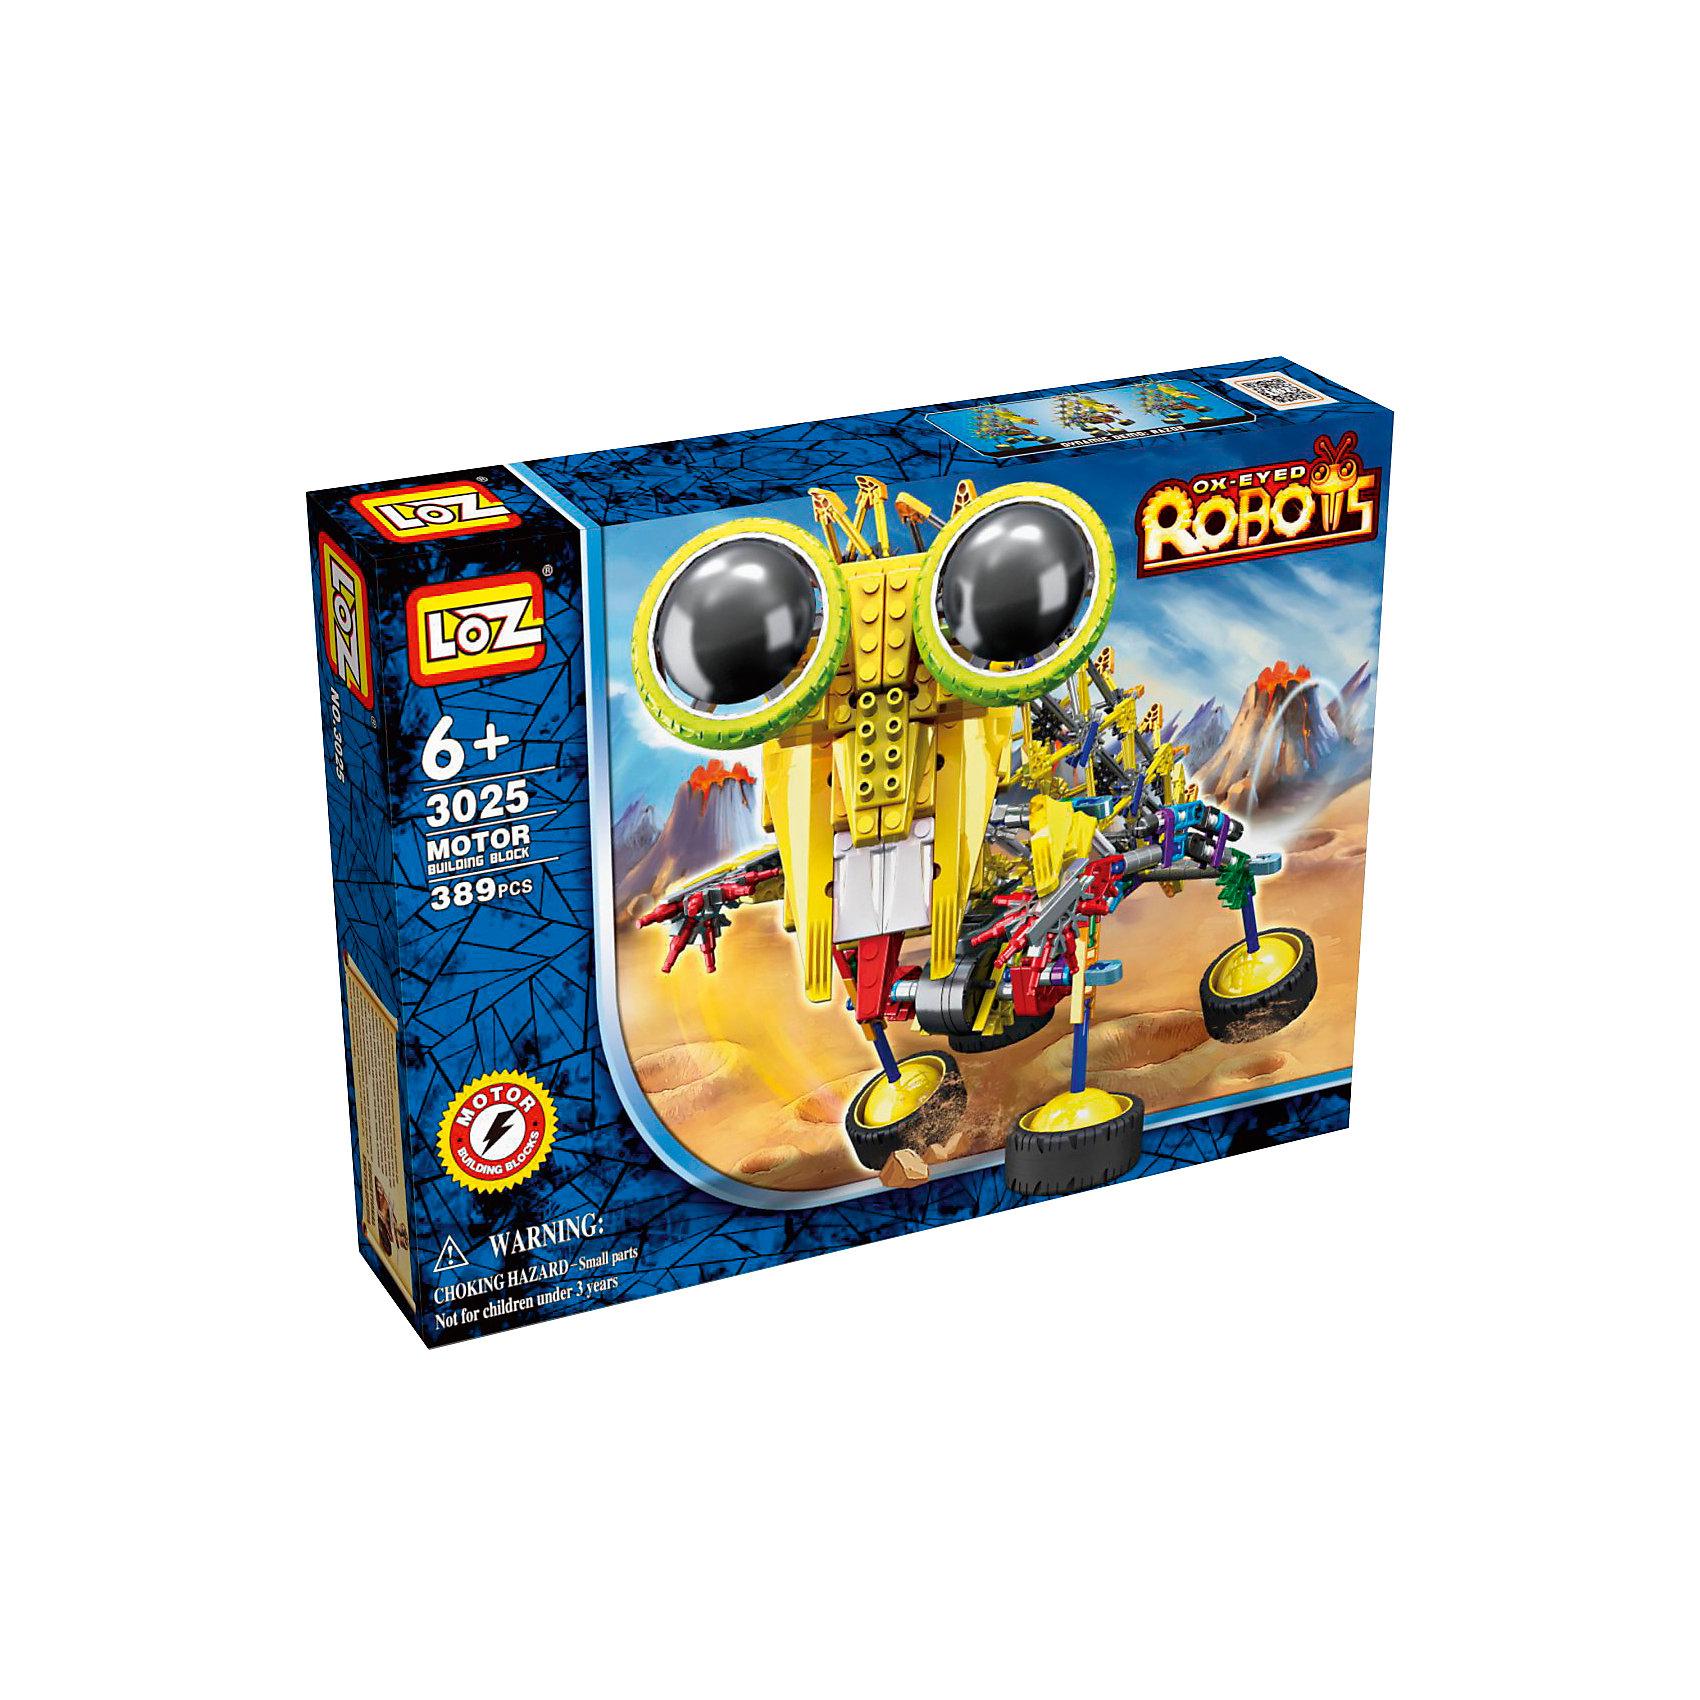 Электромеханический конструктор IROBOT. Роботы. Шиношлеп, LozПластмассовые конструкторы<br>Электромеханический конструктор IROBOT. Роботы. Шиношлеп, Loz будет замечательным подарком для Вашего ребенка. <br><br>Конструкторы данной серии уникальны тем, что малыш может играть получившейся игрушкой.<br><br> Для работы моторчика нужны две батарейки типа АА (в комплект не входят). В набор входит 389 деталей конструктора и подробная инструкция.<br><br>Ширина мм: 50<br>Глубина мм: 260<br>Высота мм: 360<br>Вес г: 620<br>Возраст от месяцев: 72<br>Возраст до месяцев: 180<br>Пол: Мужской<br>Возраст: Детский<br>SKU: 5012255